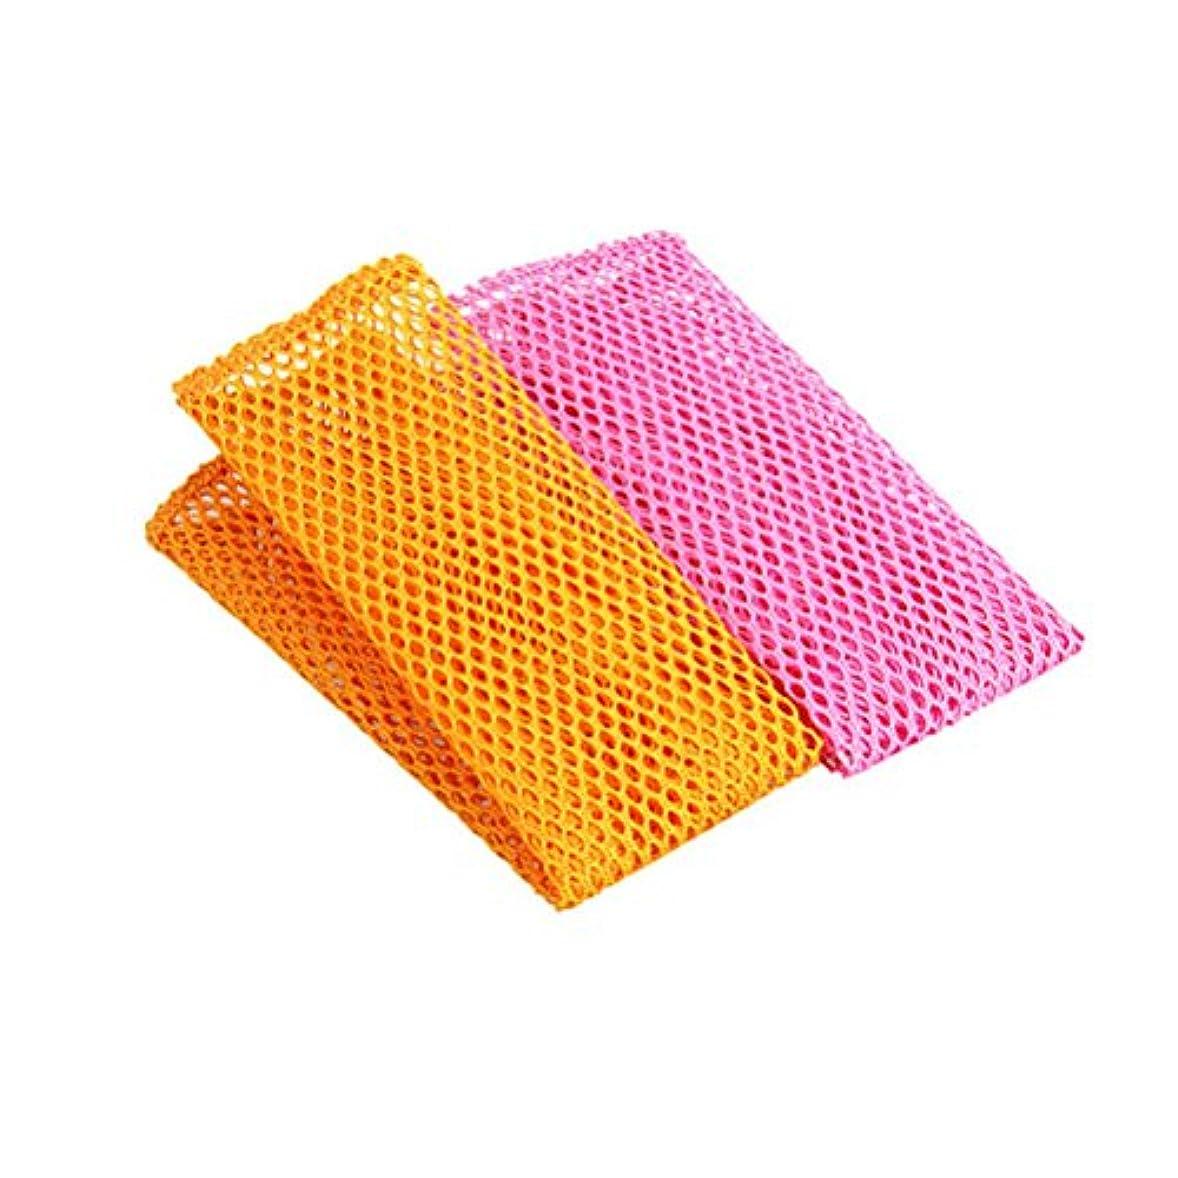 溶かすからに変化するストッキングBESTONZON 8ピース革新的な皿洗いネット布急速乾燥スクーラーinodoreメッシュ洗濯布キッチンクリーニング布 - 黄色+ピンク